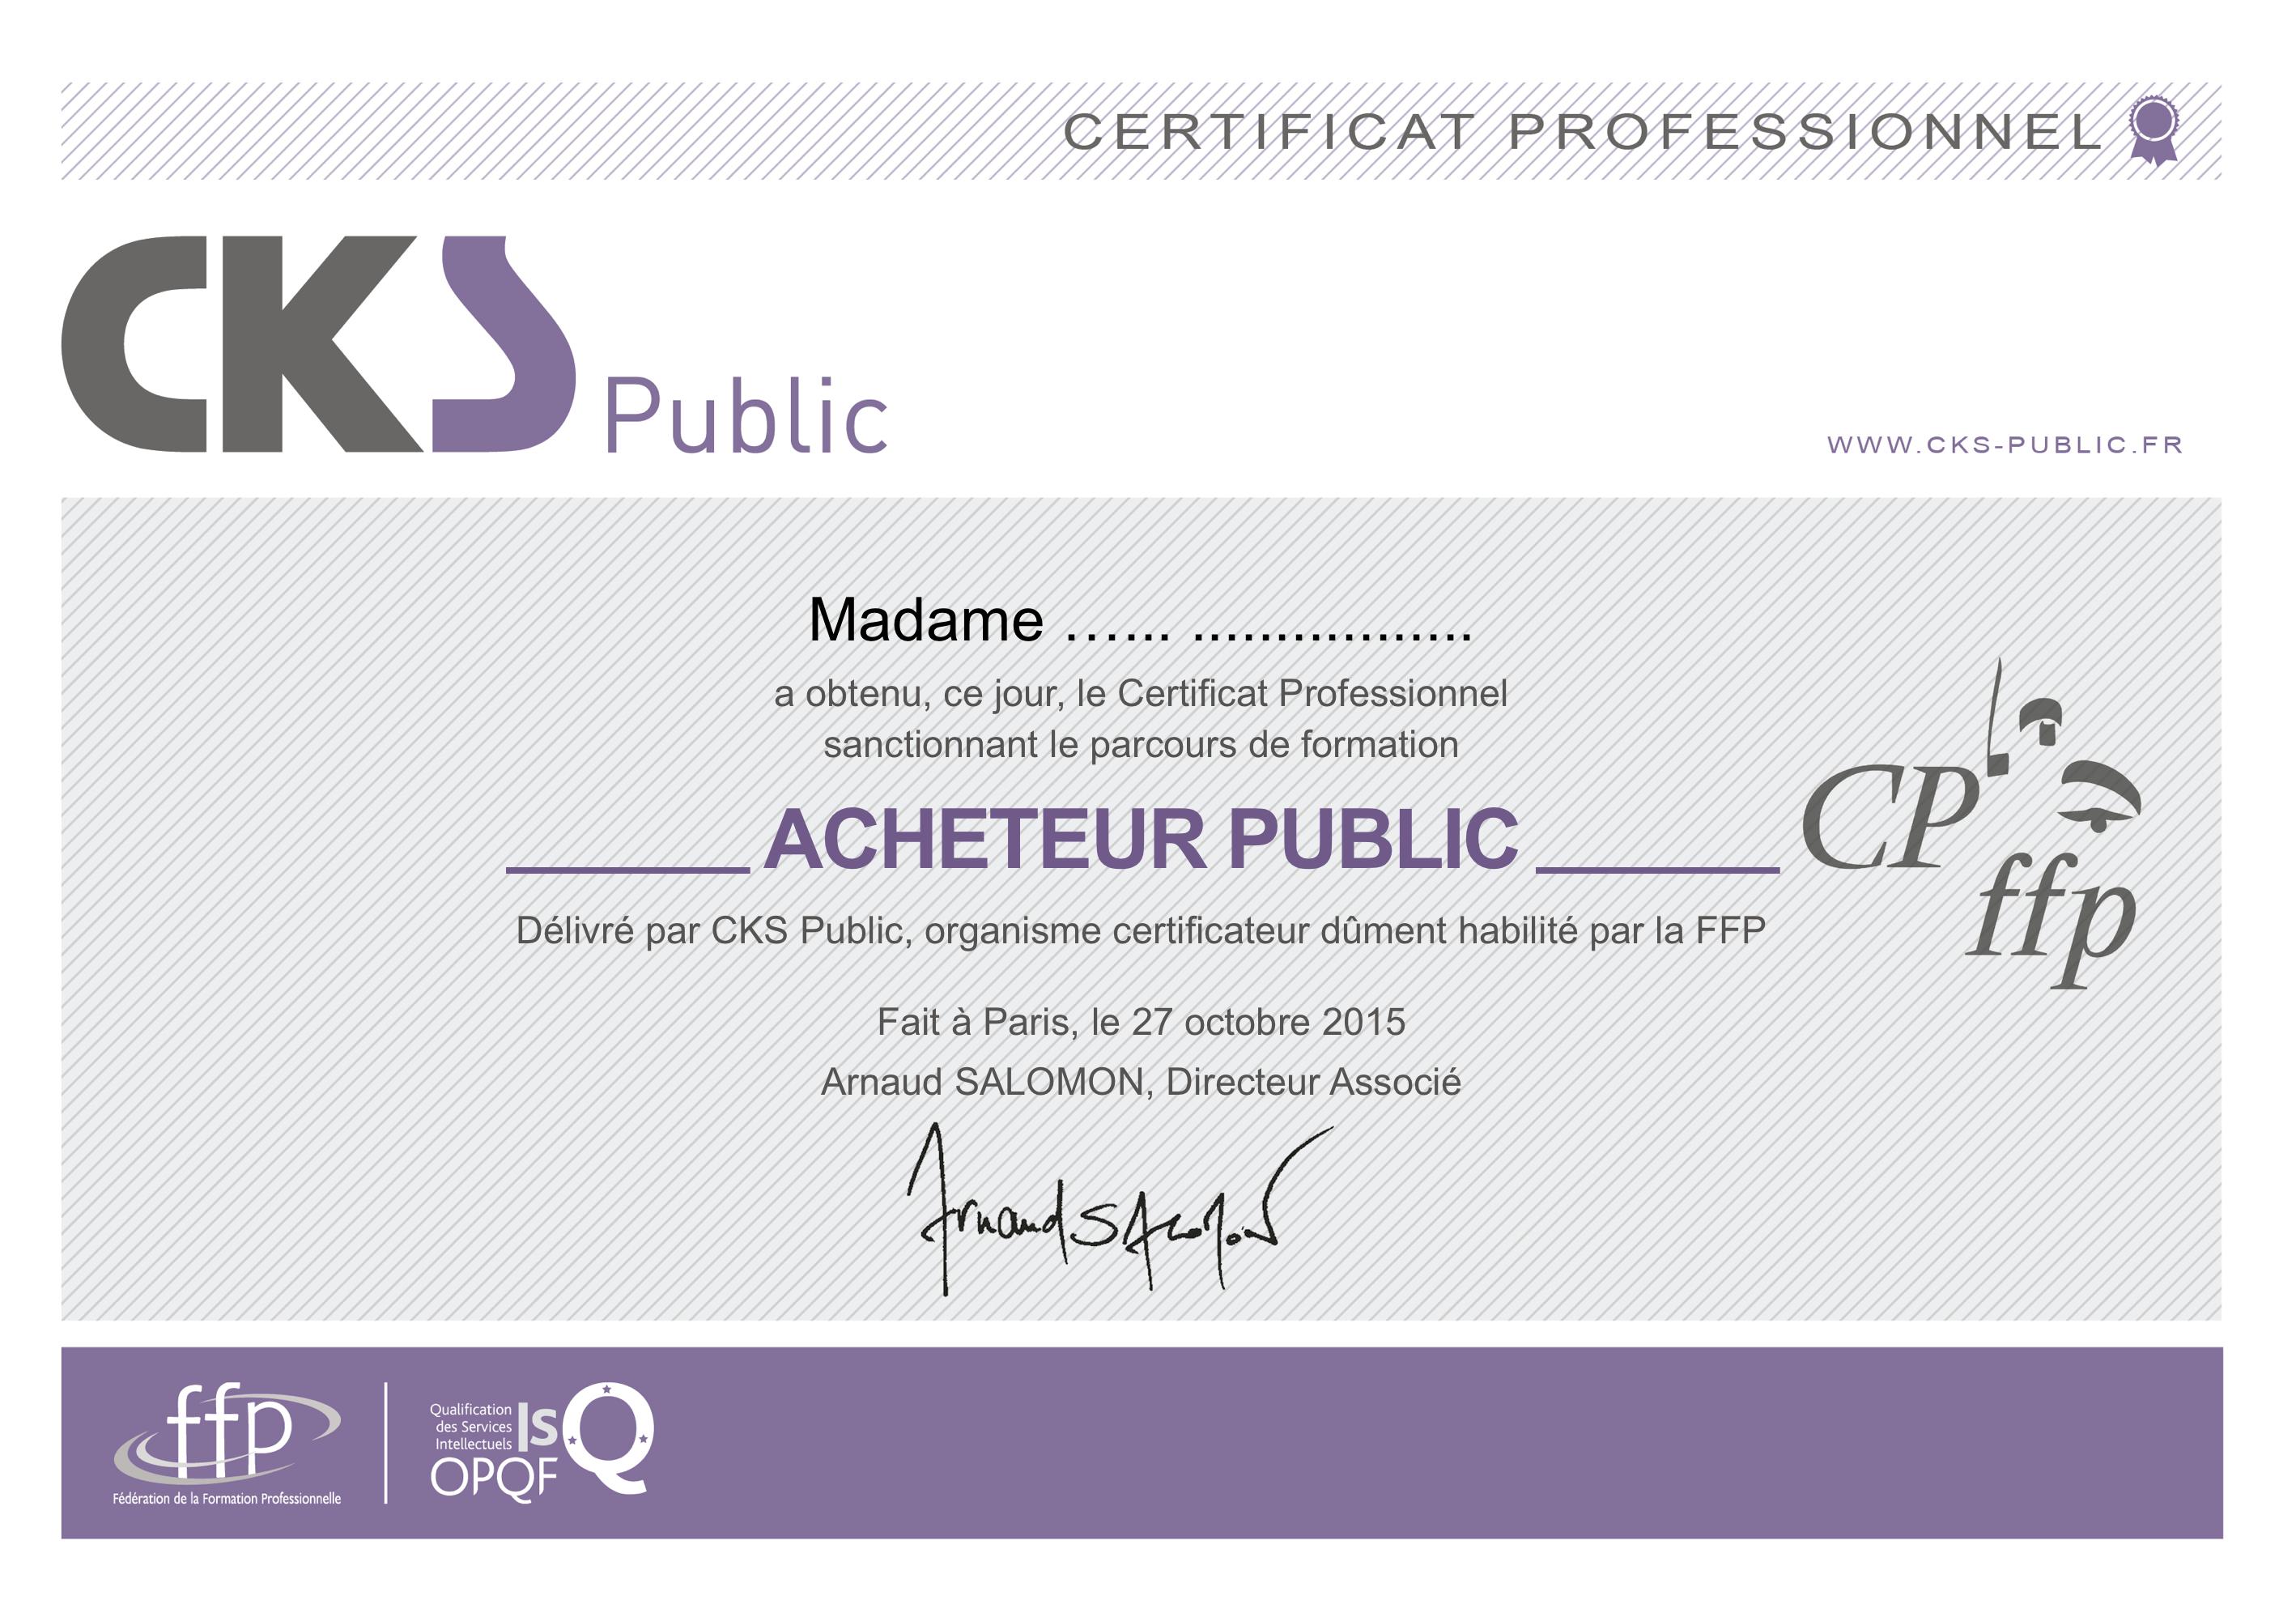 Certificat Professionnel Acheteur Public